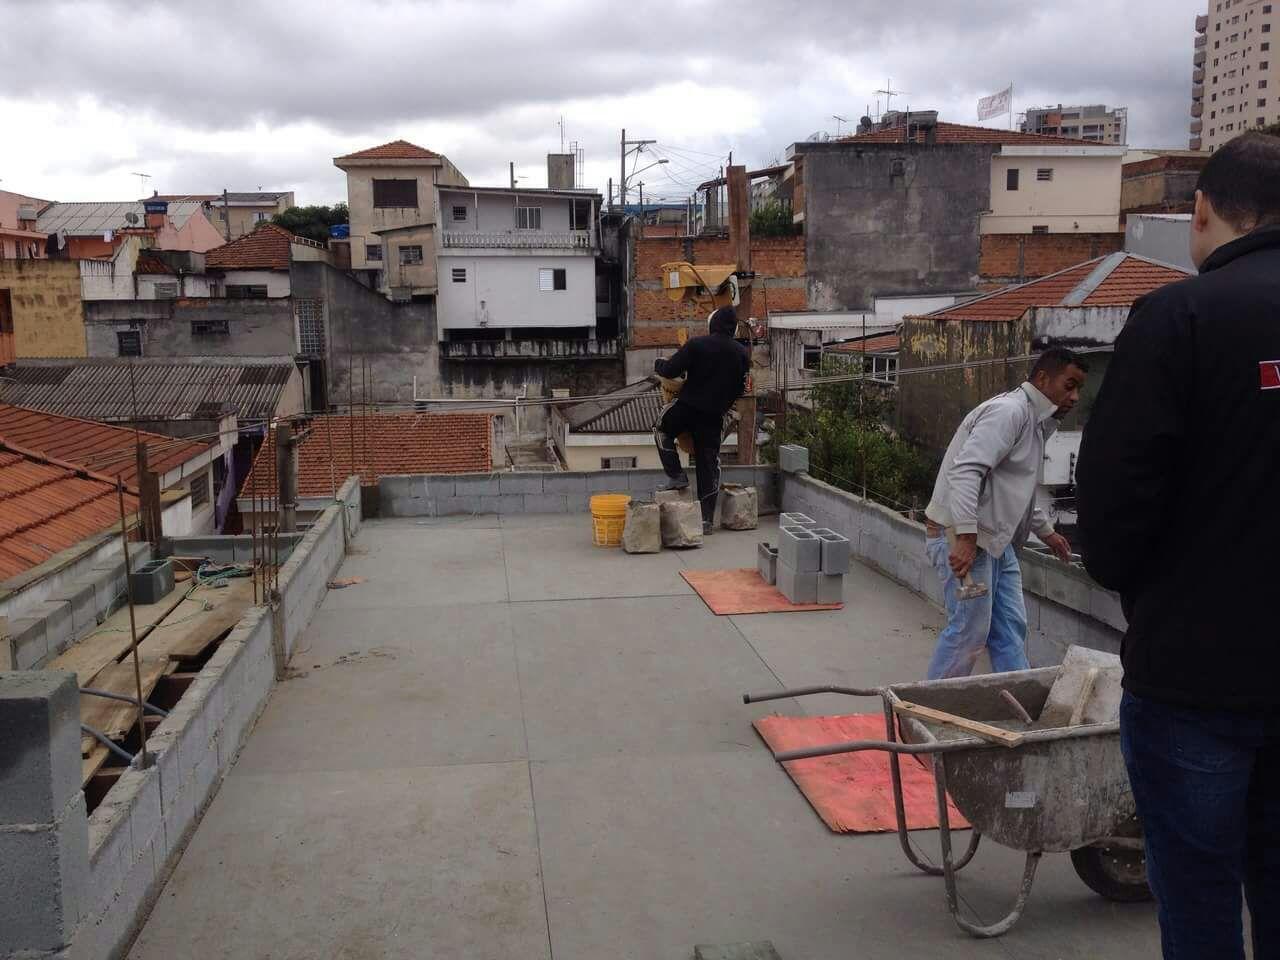 Laje a Seco Depois - Serviços em Telhado no Imirim